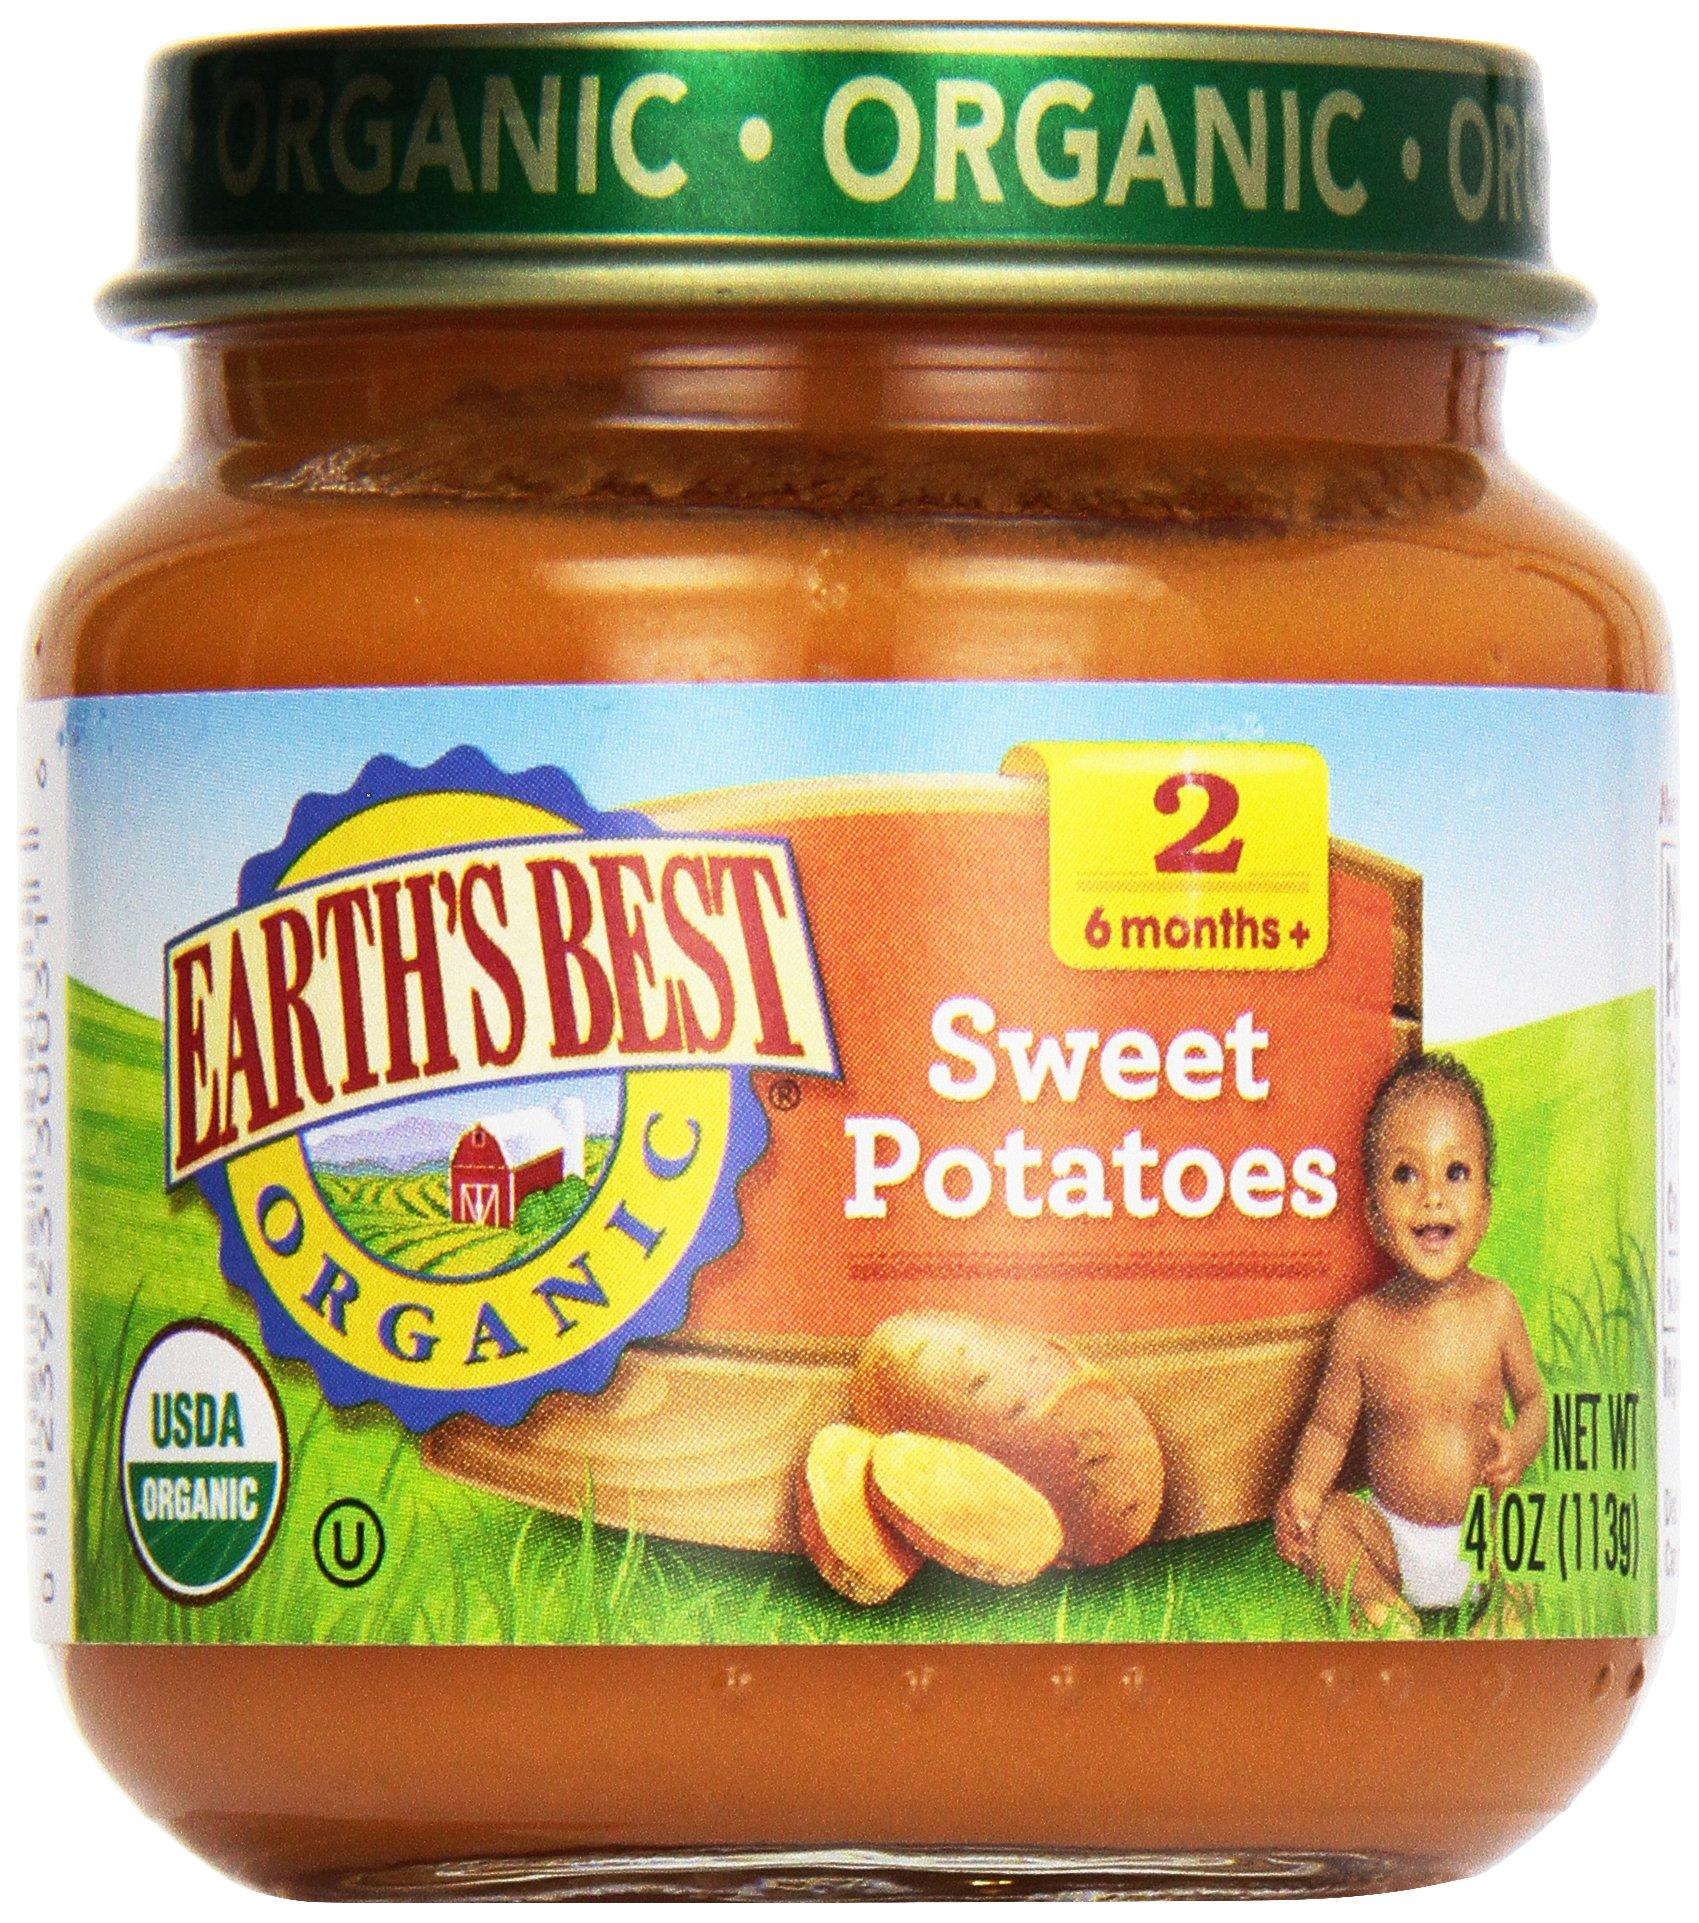 Earth's Best, Sweet Potatoes, 4 oz